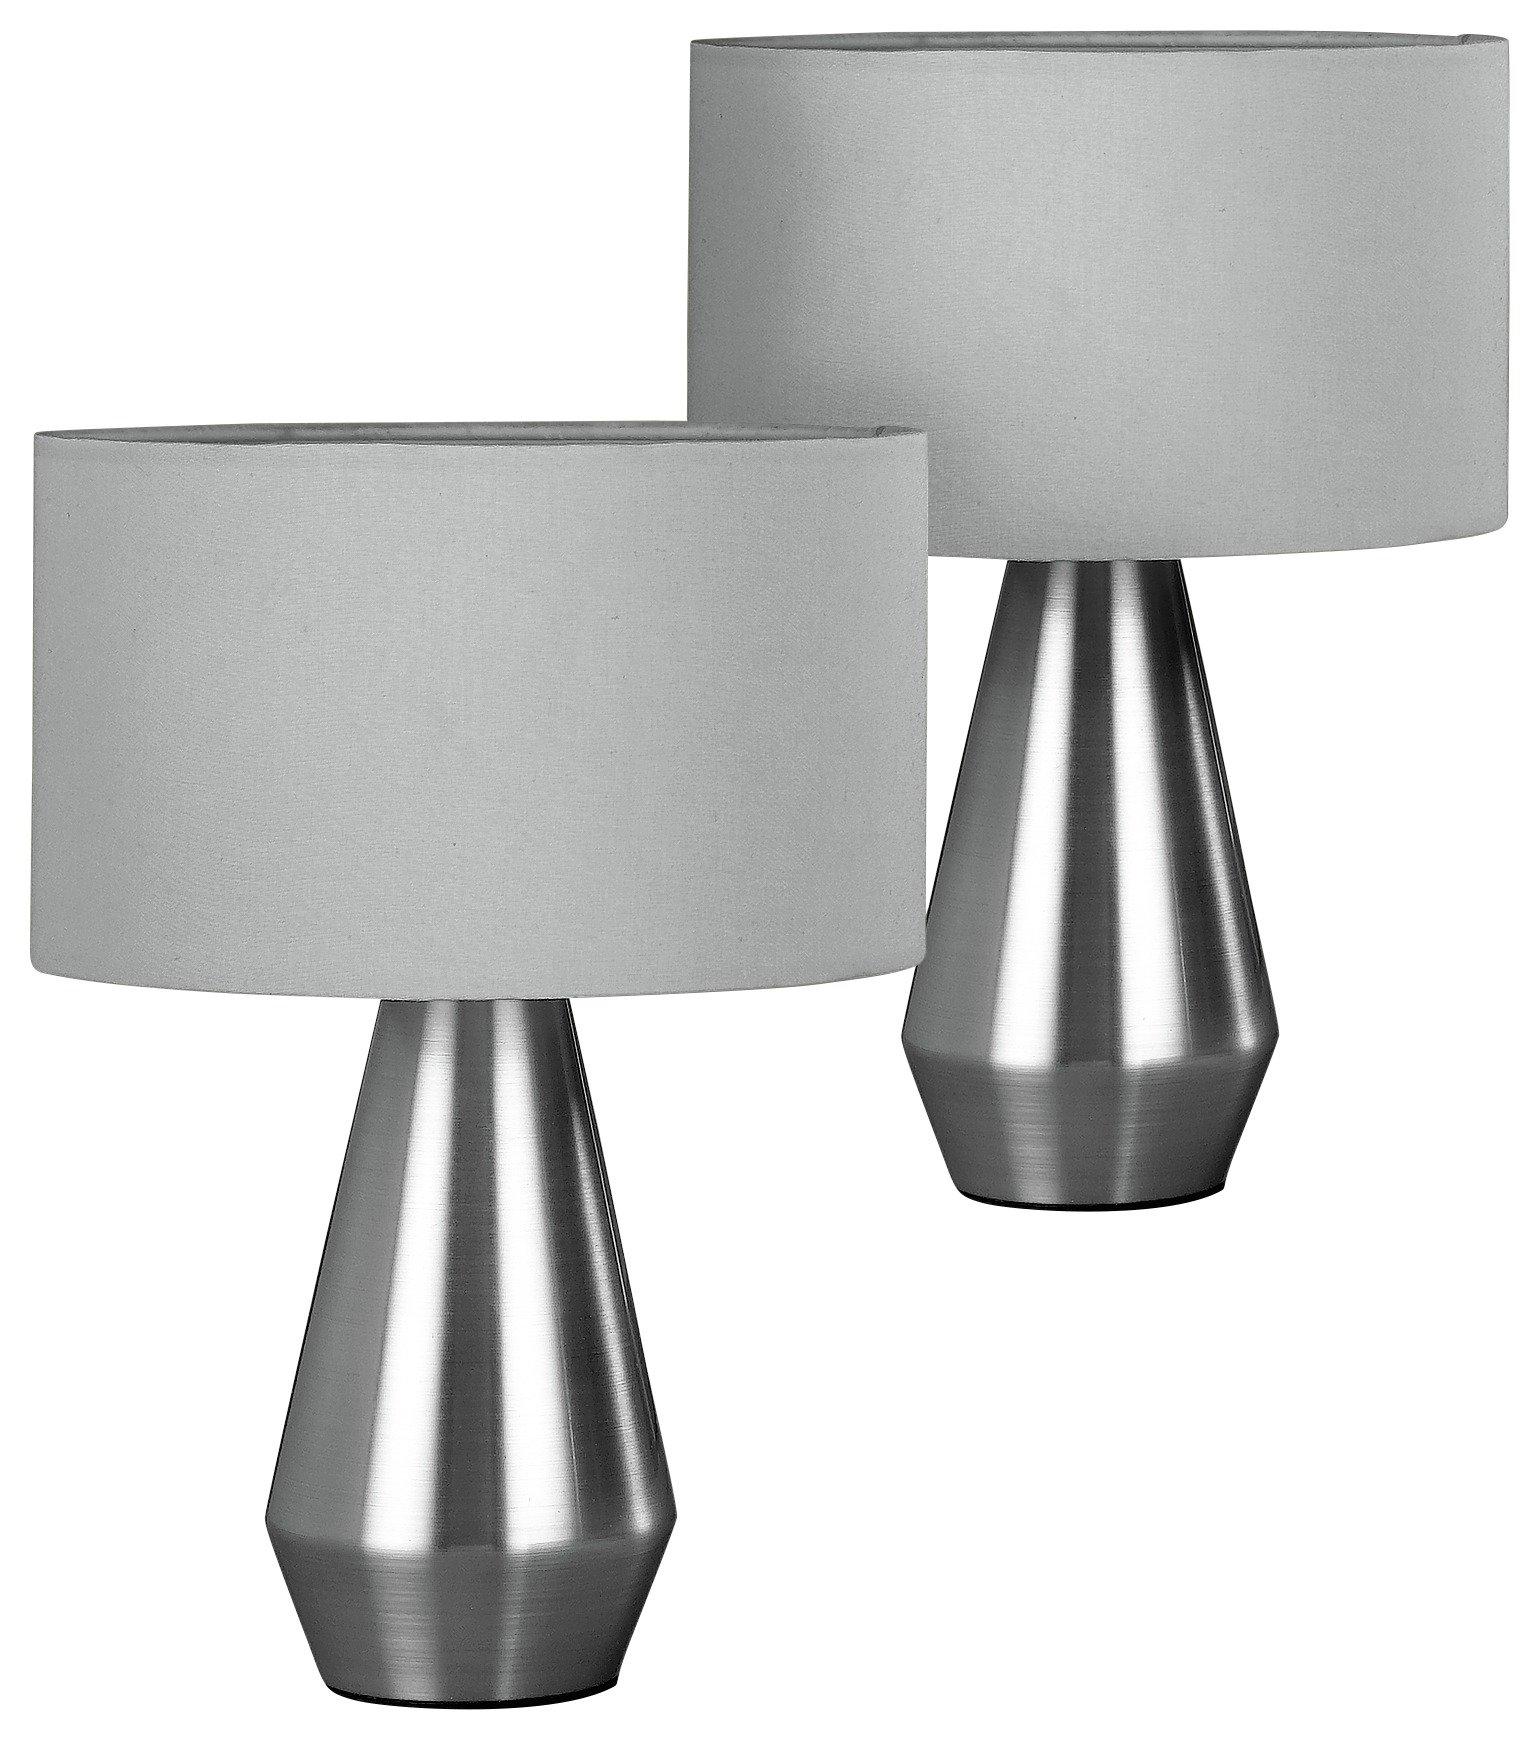 Image of Habitat - Maya Pair of - Table Lamps - Grey